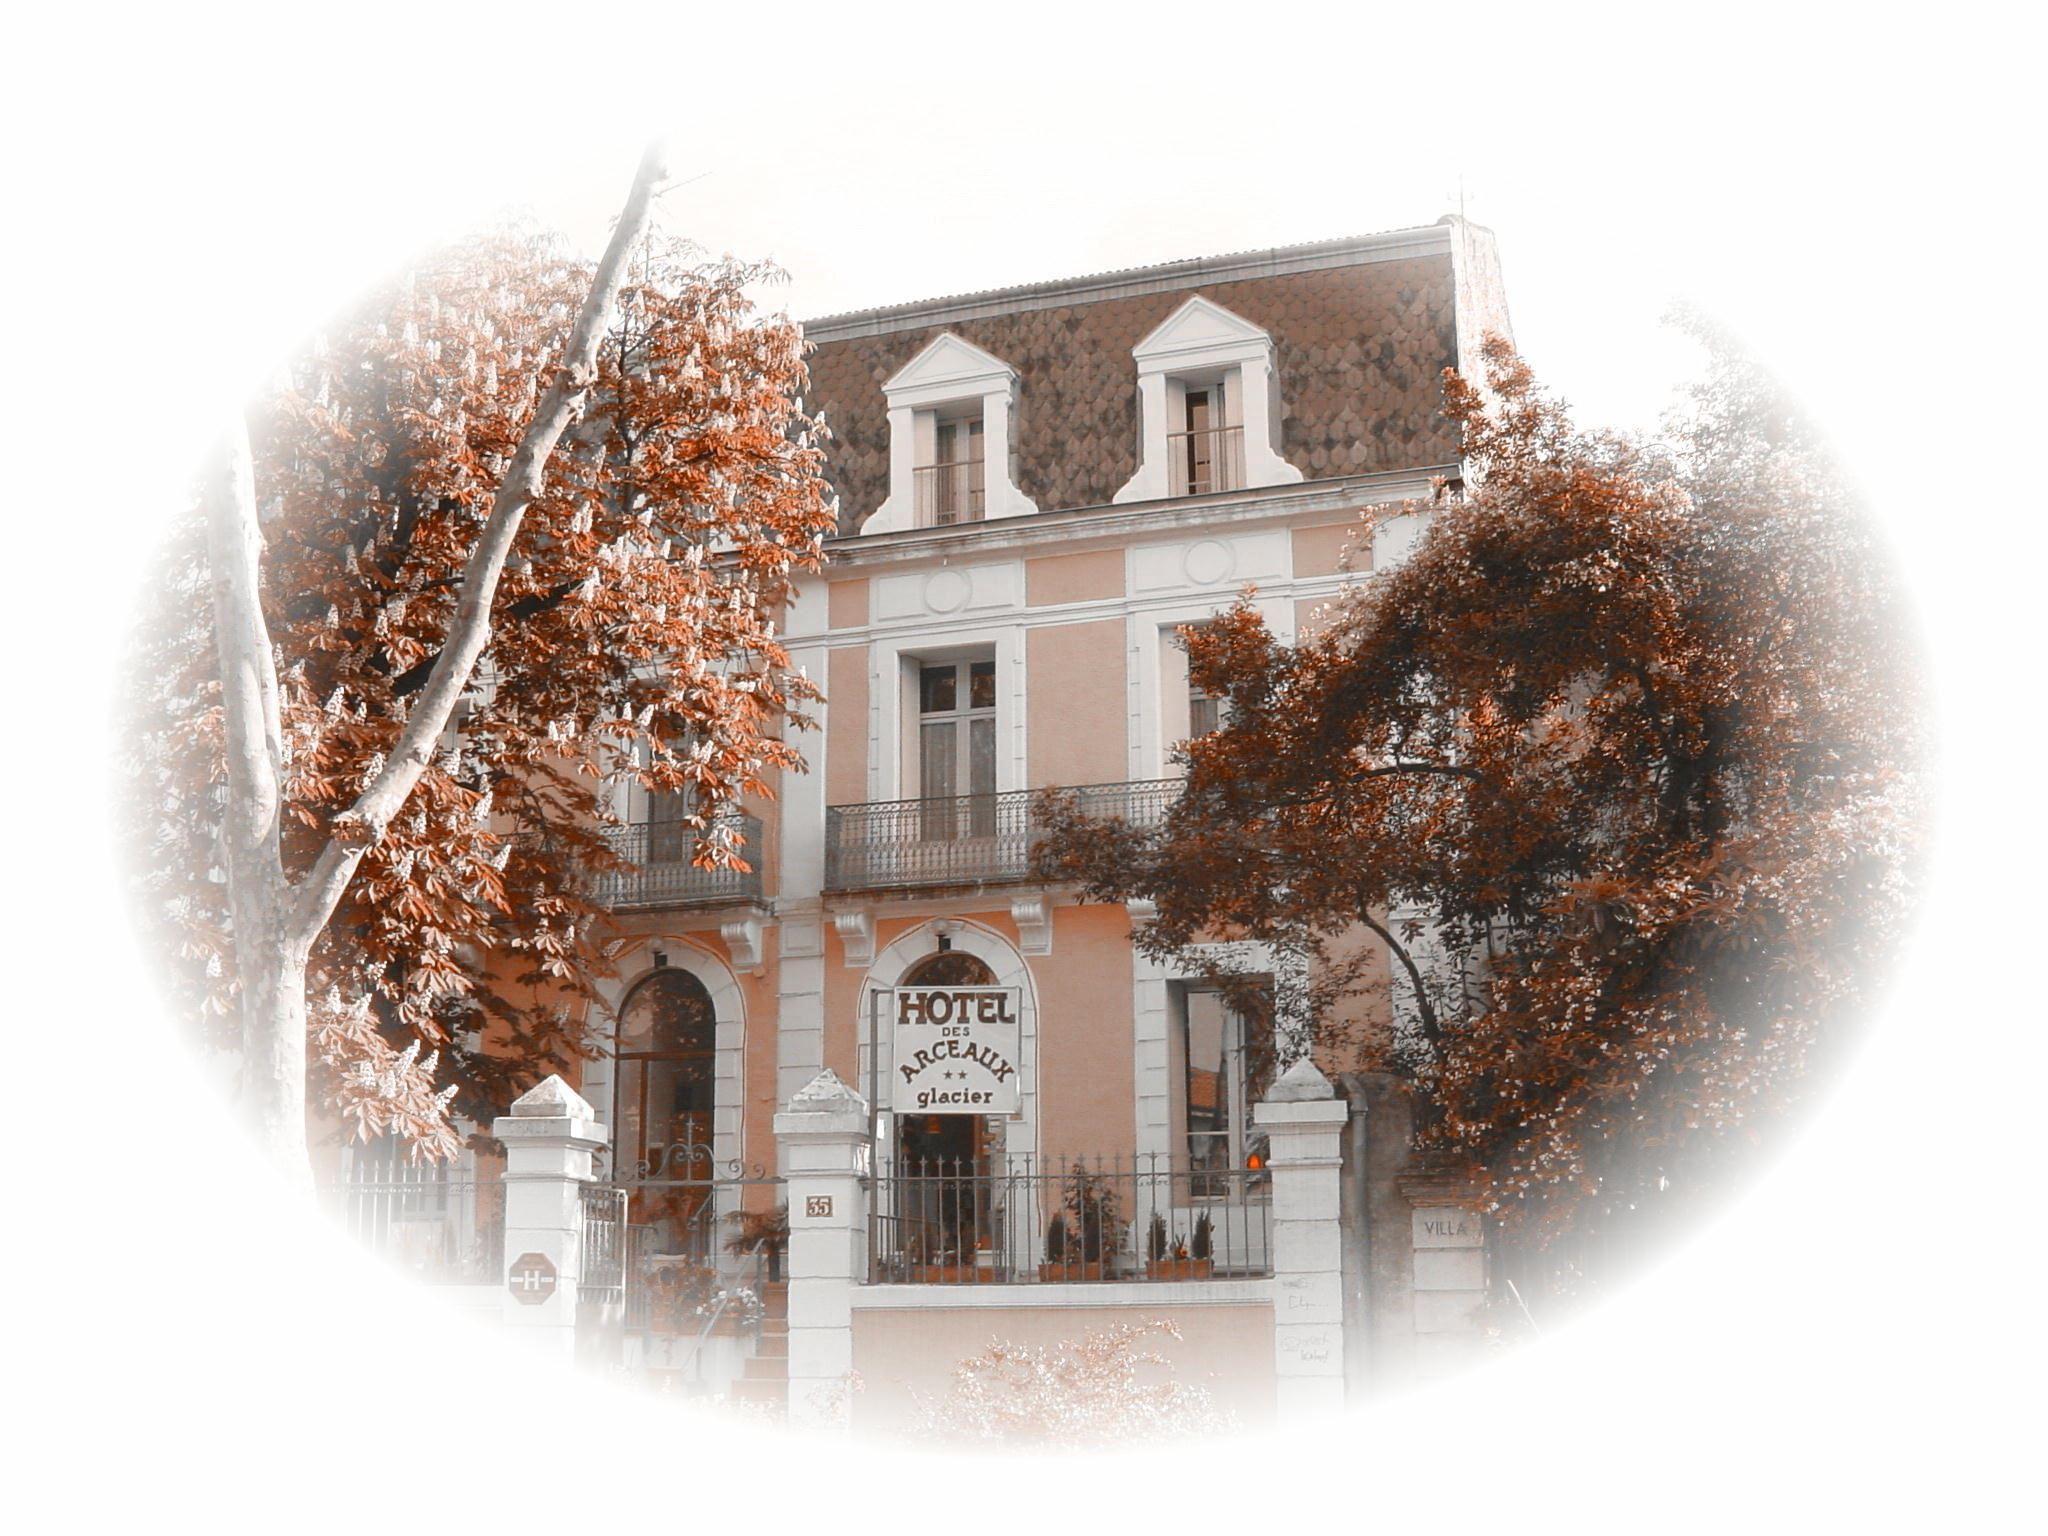 Hôtel des Arceaux